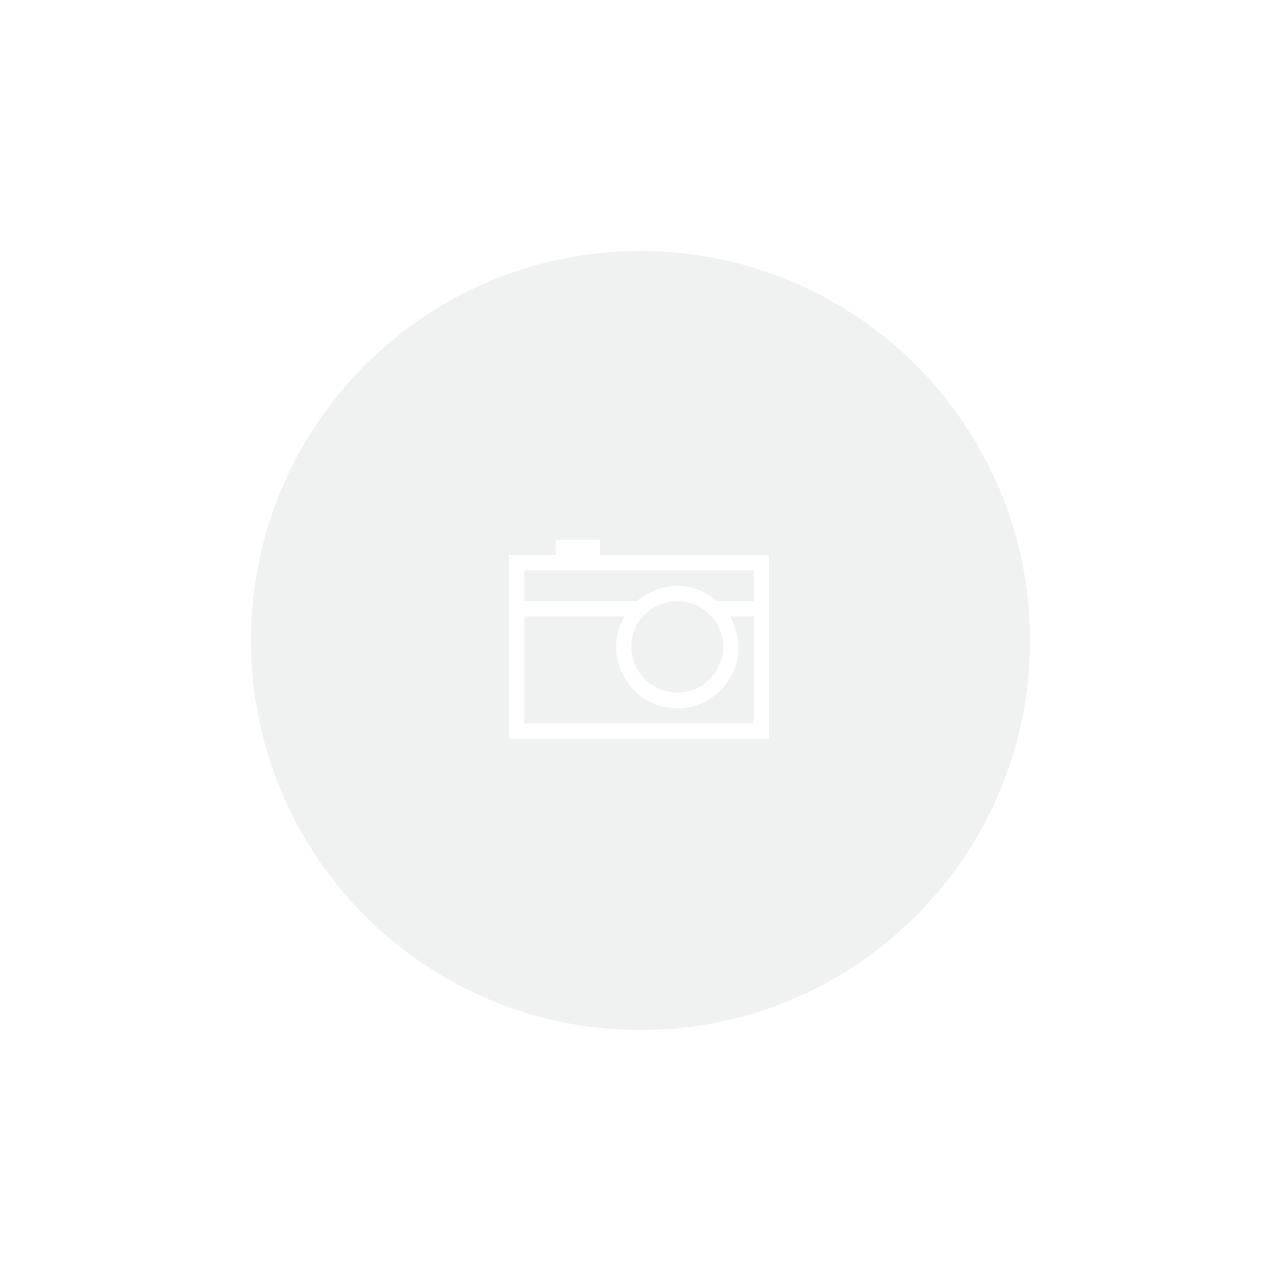 CADEADO TRAVA TIPO U ELLEVEN 140mm X 210mm C/ SUPORTE